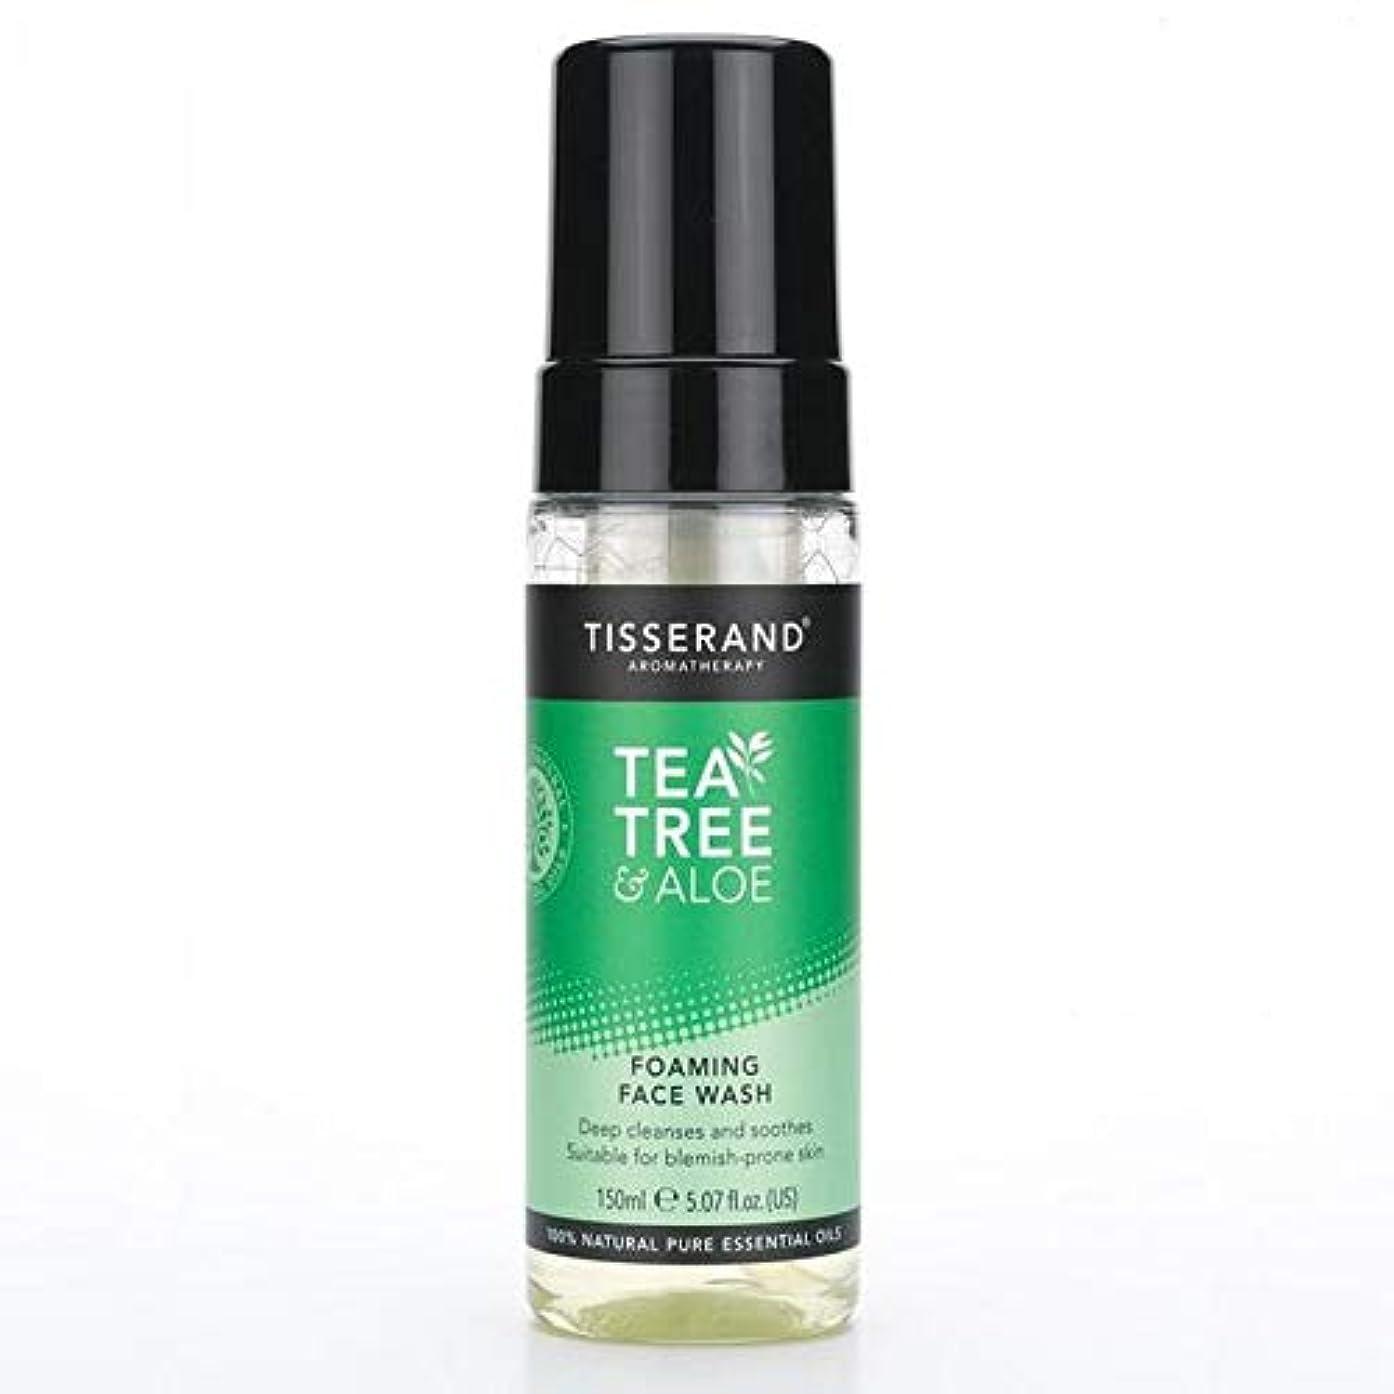 領事館提供された見出し[Tisserand] 洗顔料の150ミリリットルを発泡ティスランドティーツリー&アロエ - Tisserand Tea Tree & Aloe Foaming Face Wash 150ml [並行輸入品]